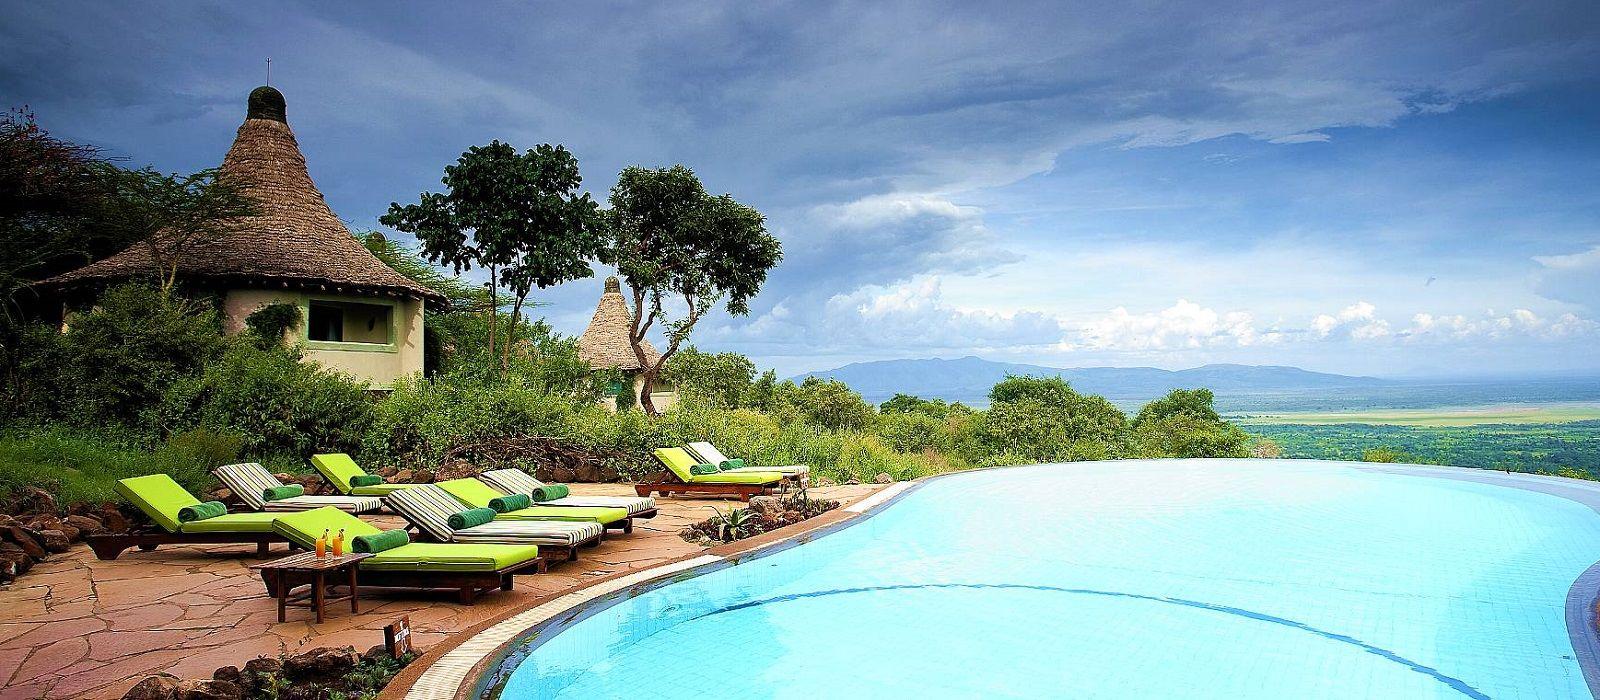 Hotel Lake Manyara Serena Lodge Tanzania